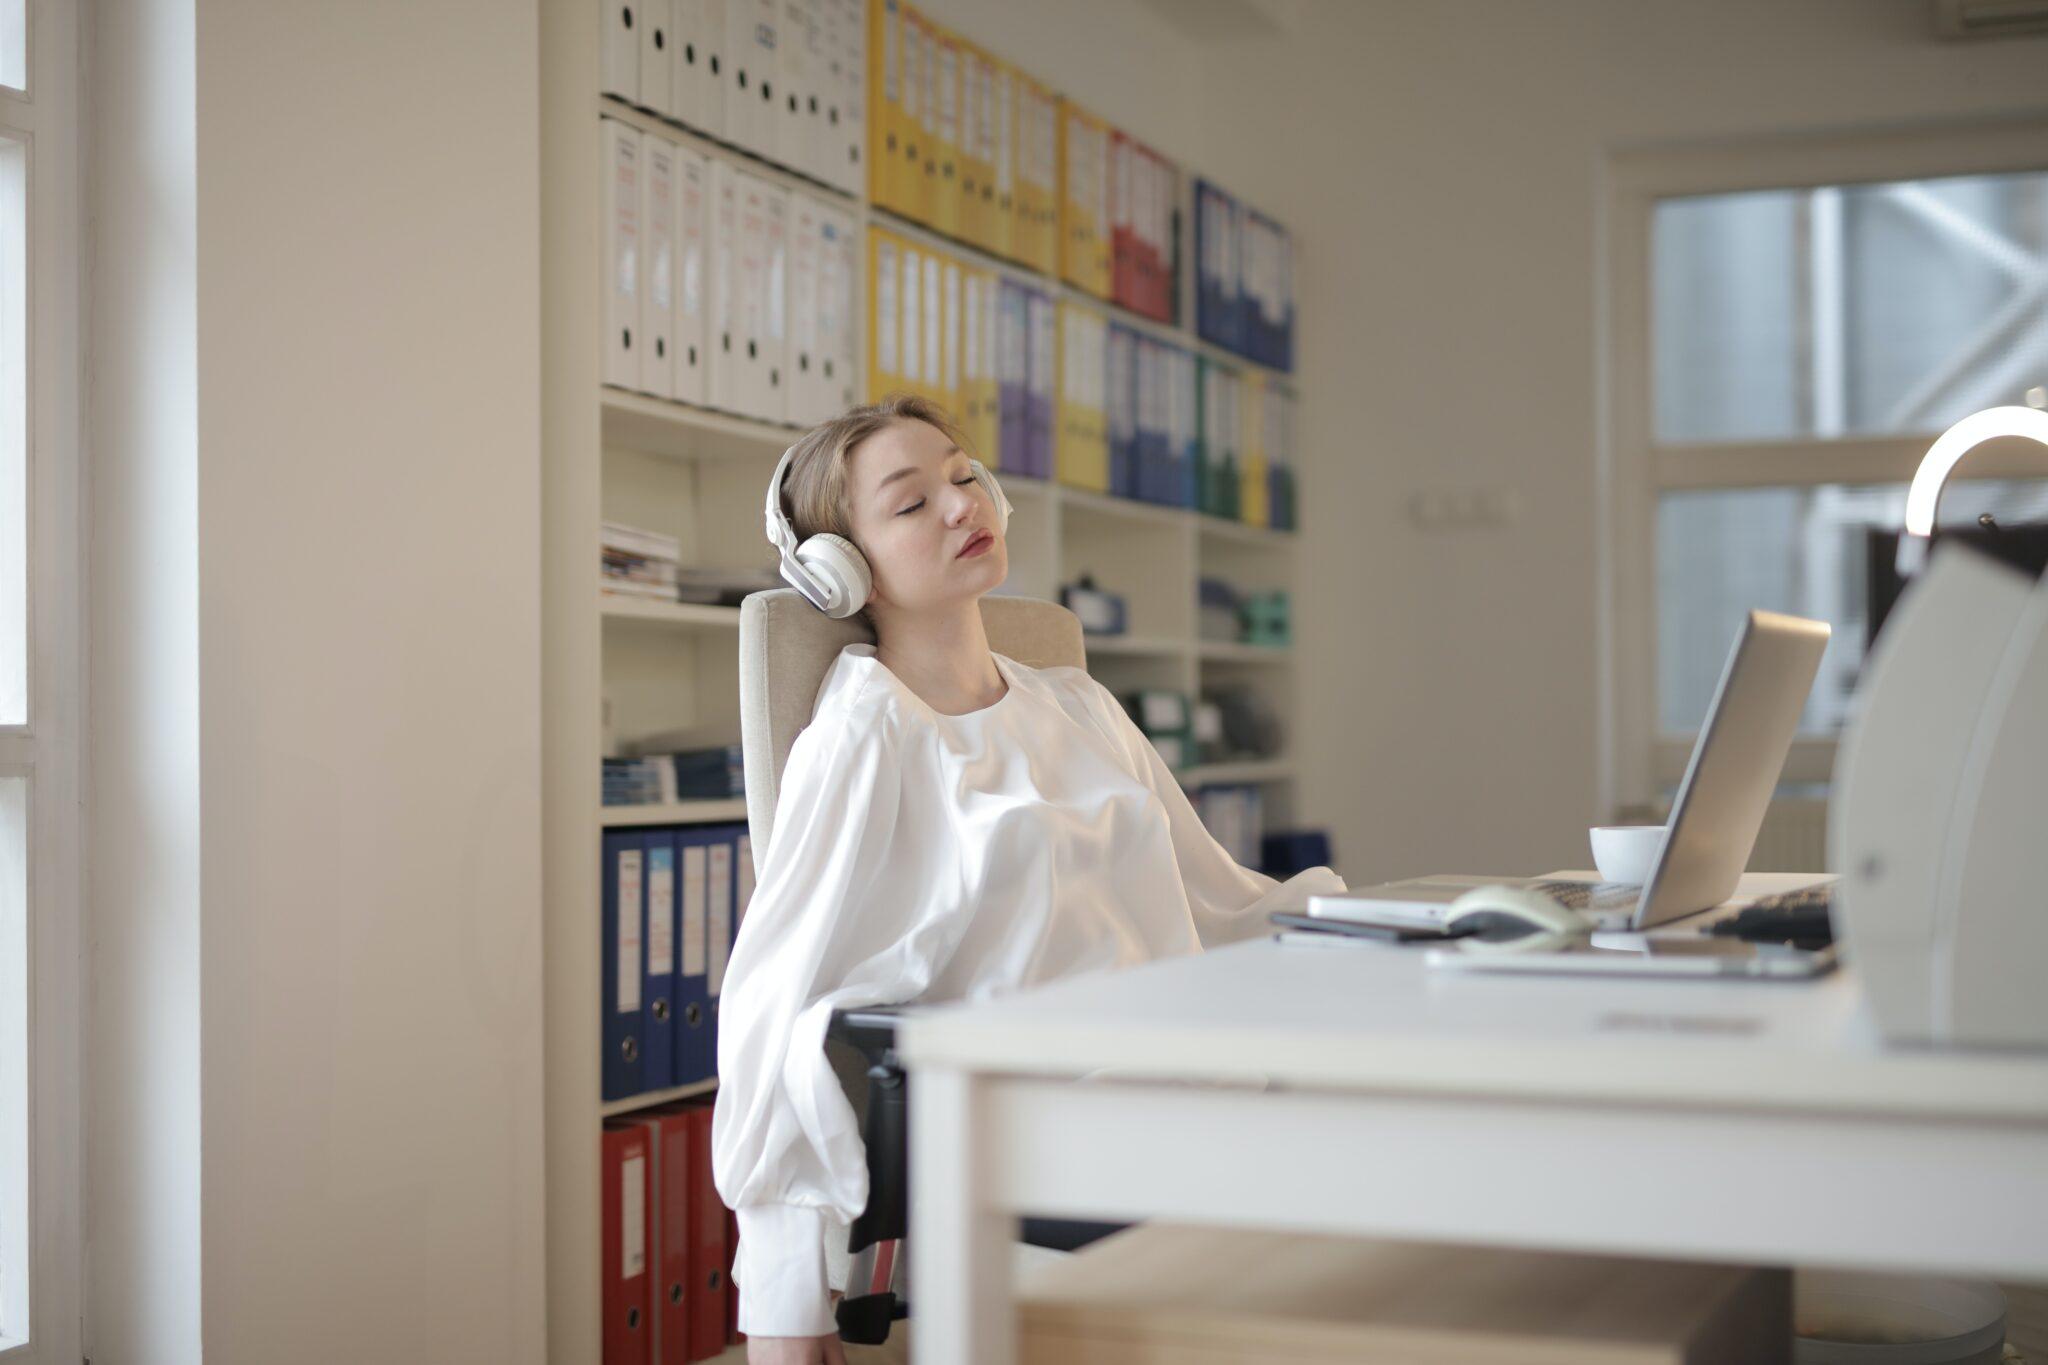 Eine Frau hört am Arbeitsplatz Musik auf Kopfhörern